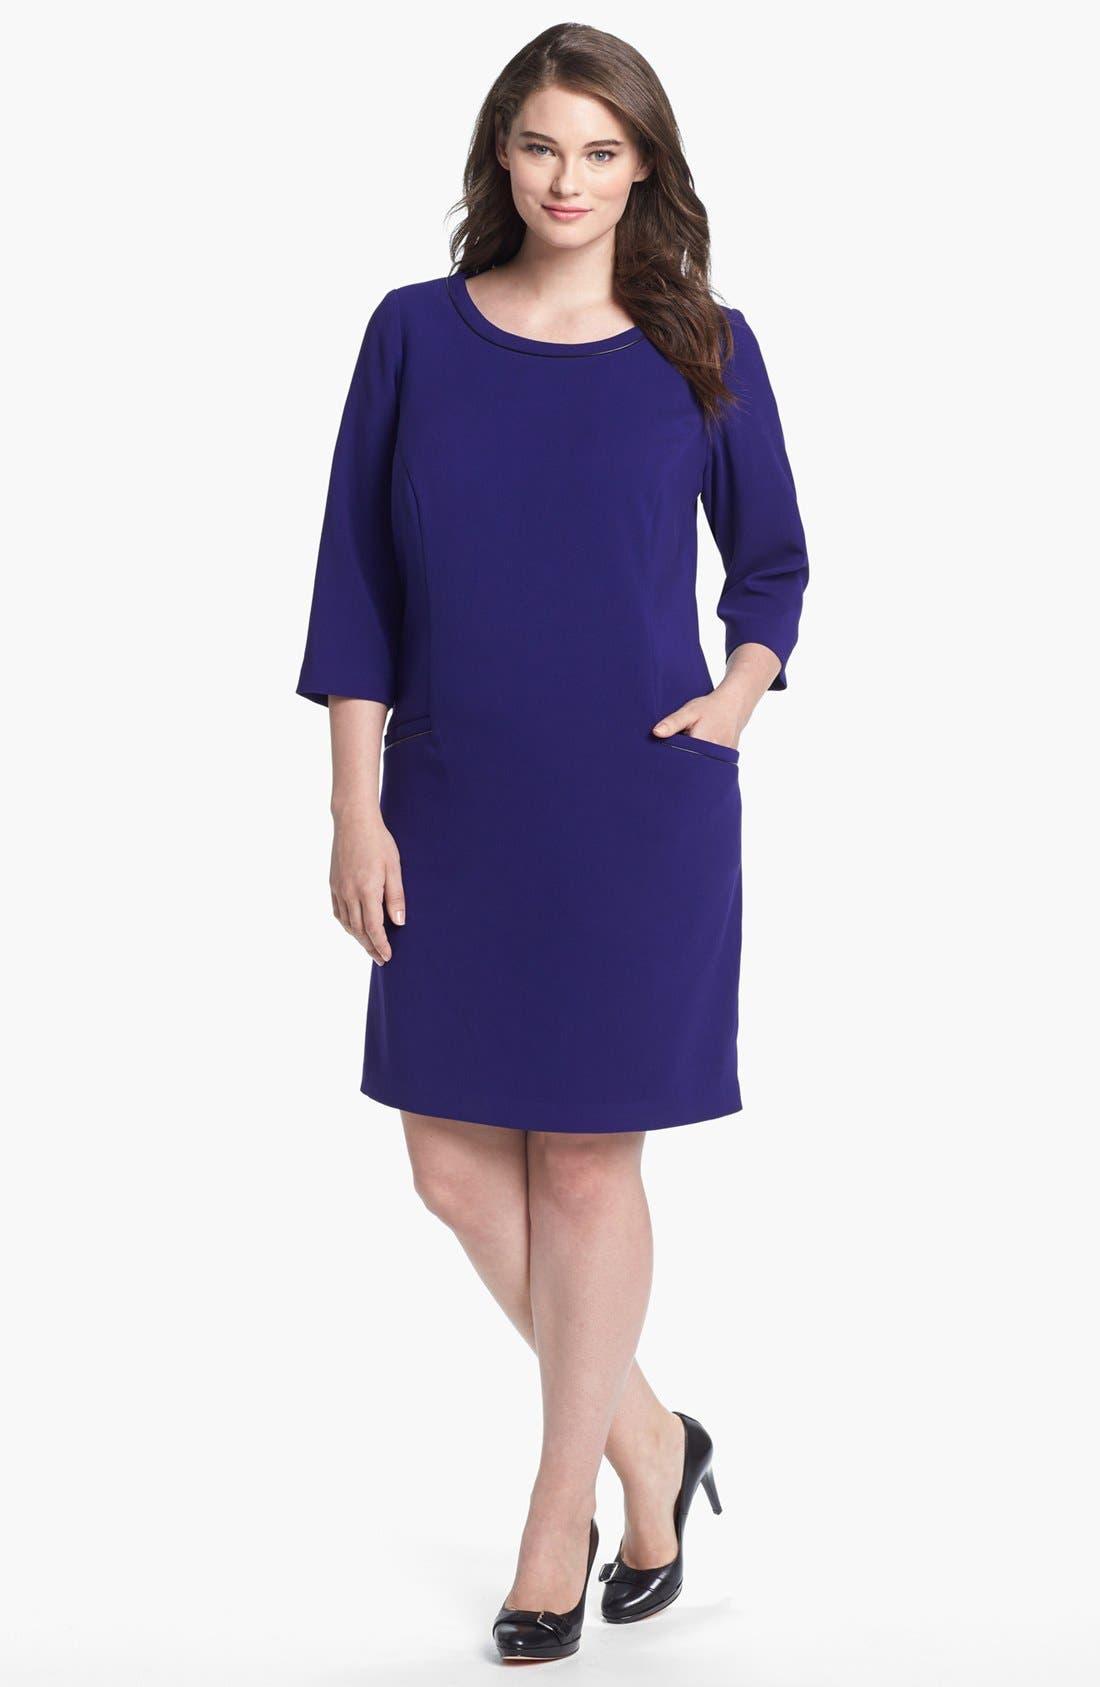 Main Image - Eliza J Faux Leather Trim Shift Dress (Plus Size)